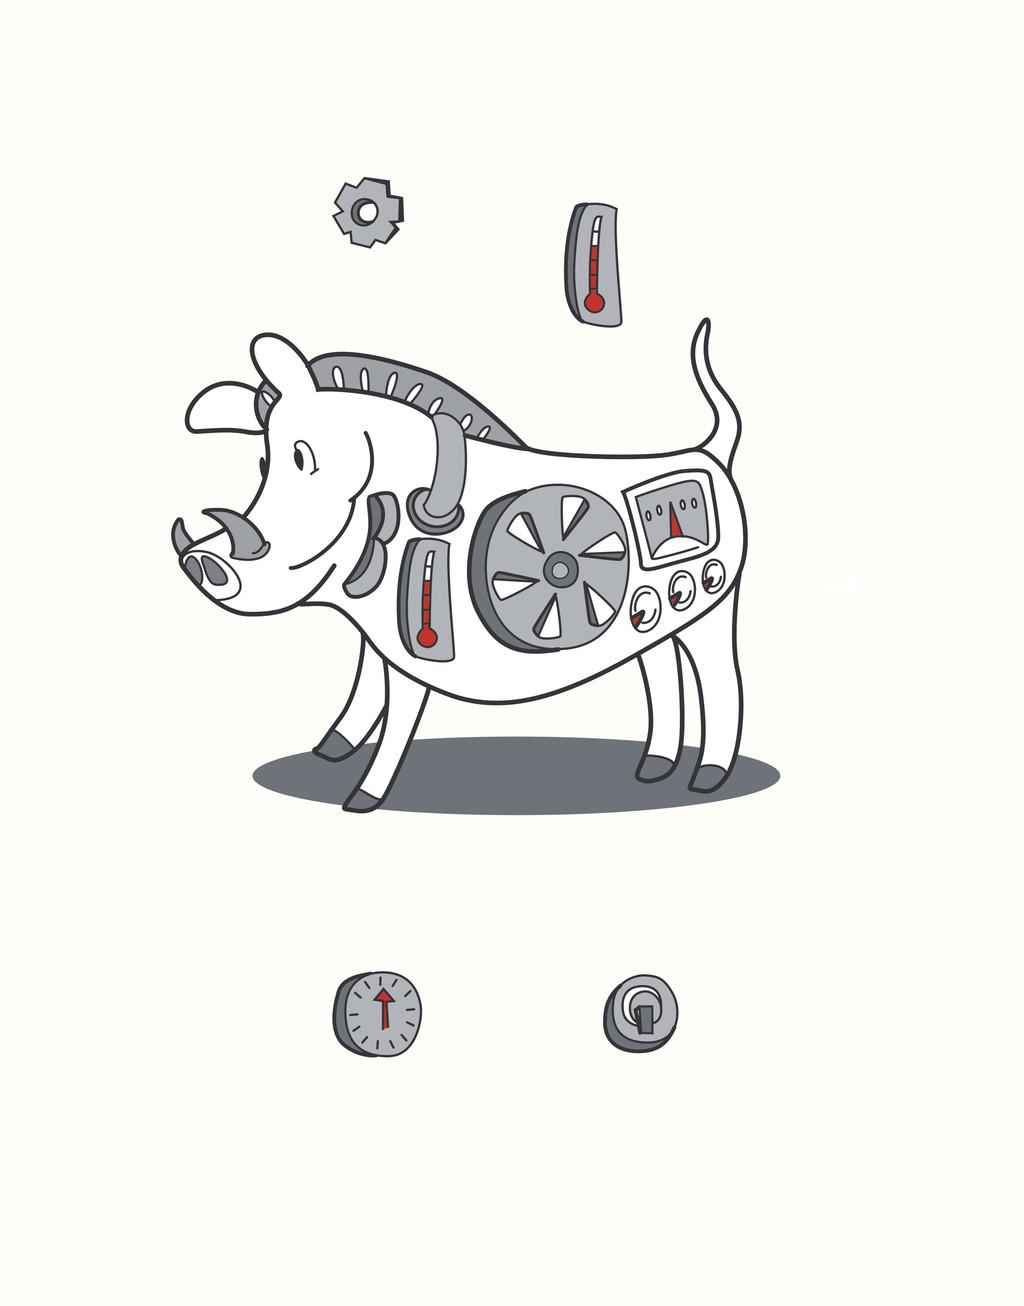 卡通动物简笔画手绘稿马